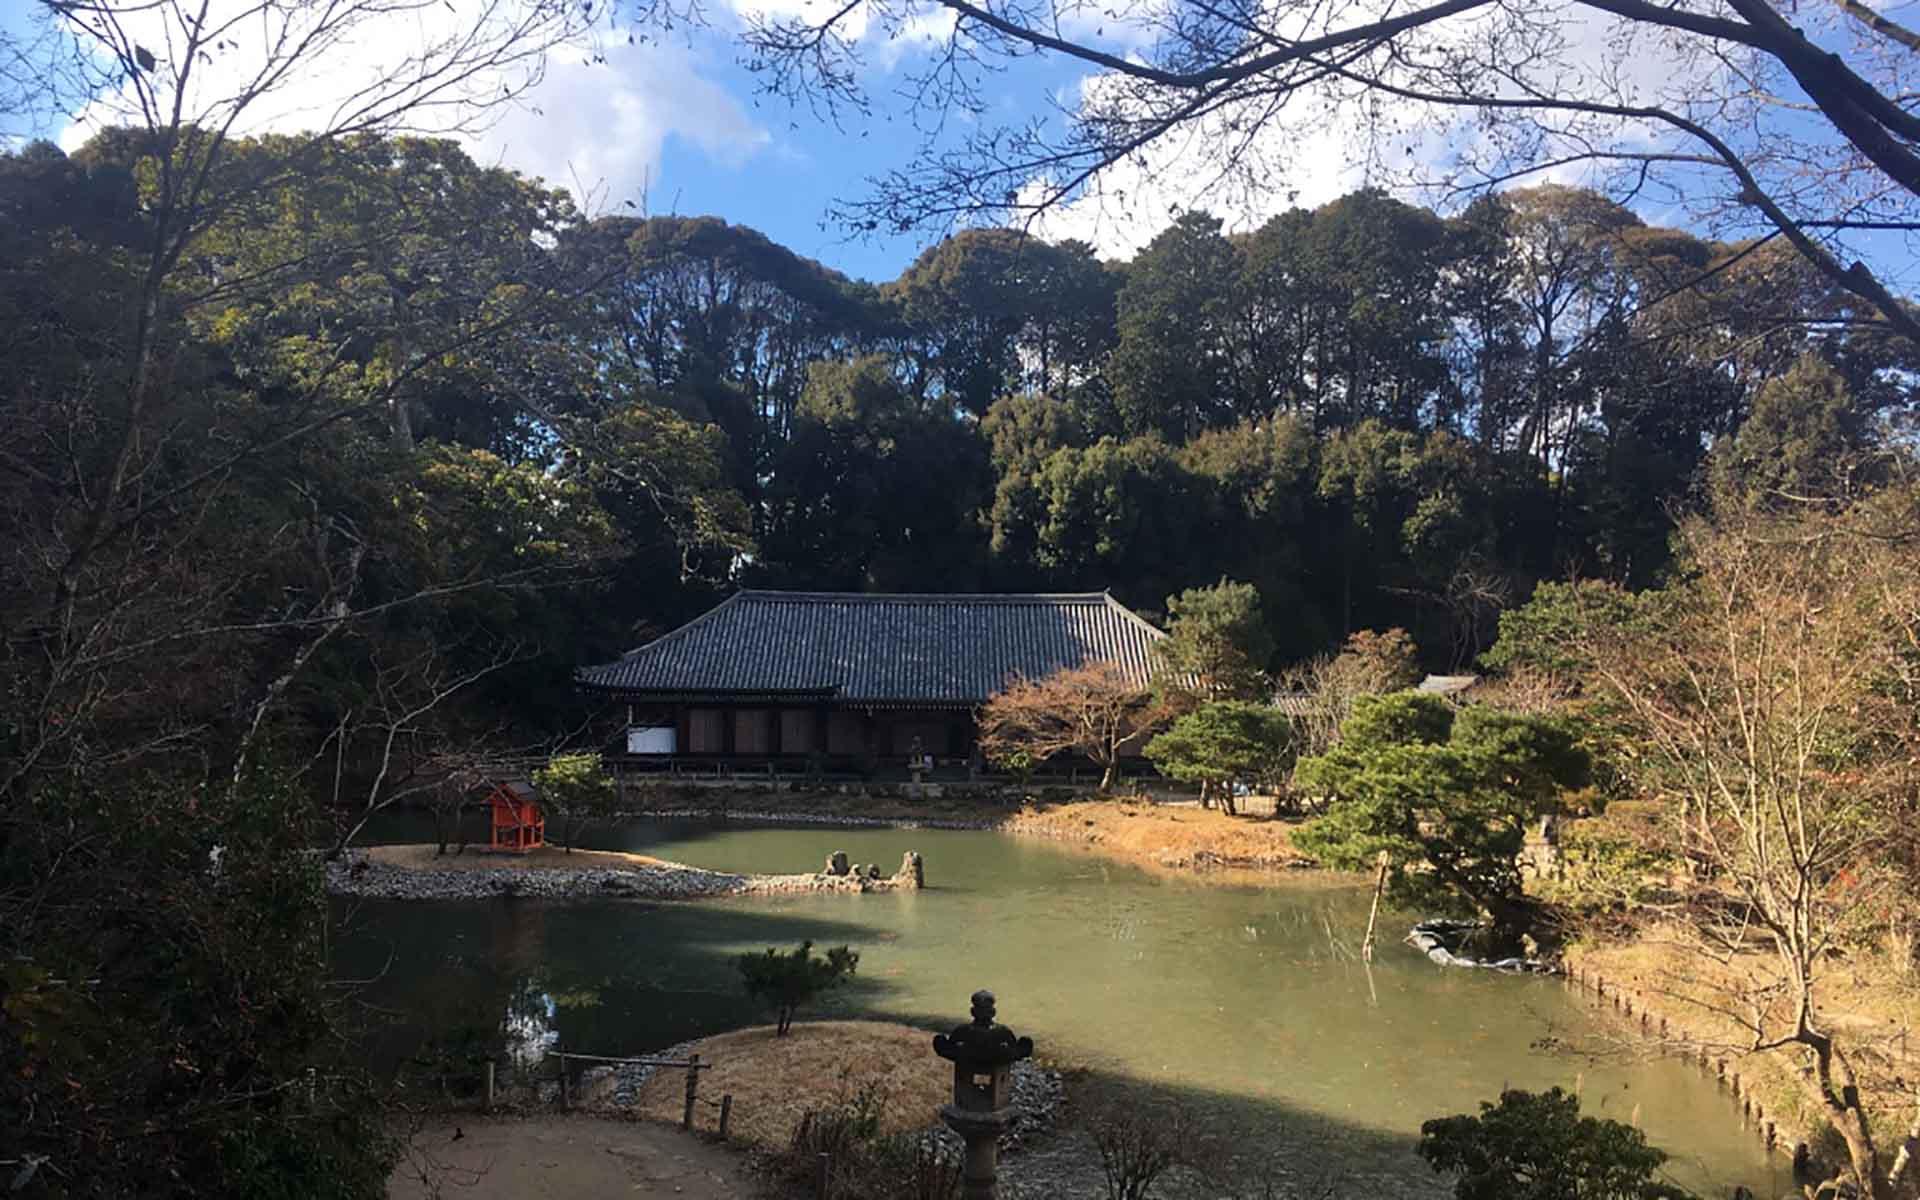 アノニマスな建築探訪 浄瑠璃寺